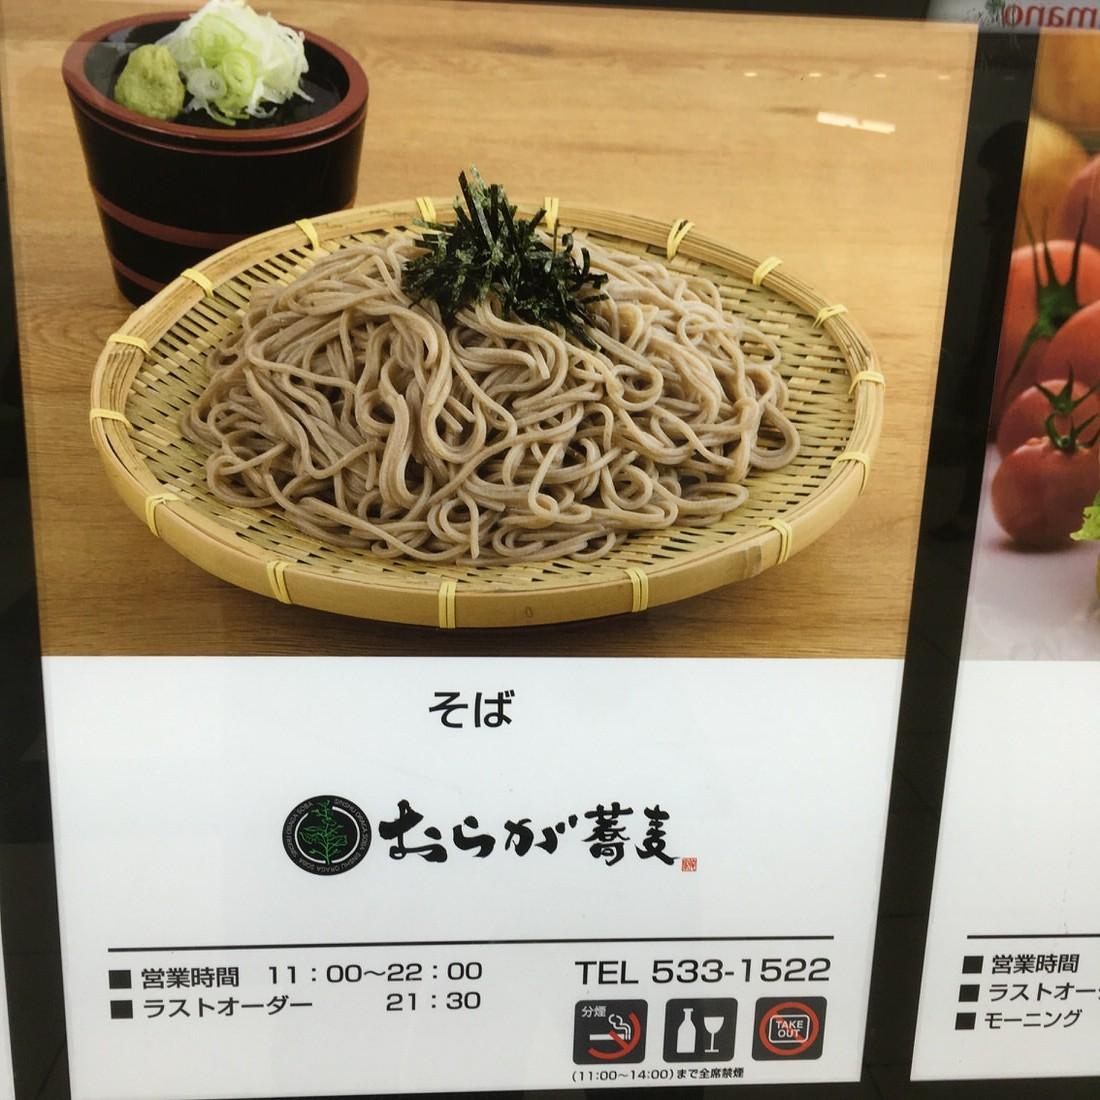 【名古屋駅・ユニモール】おらが蕎麦の名物『牛肉そば』はそんじょそこらのつけ麺を超えるレベル